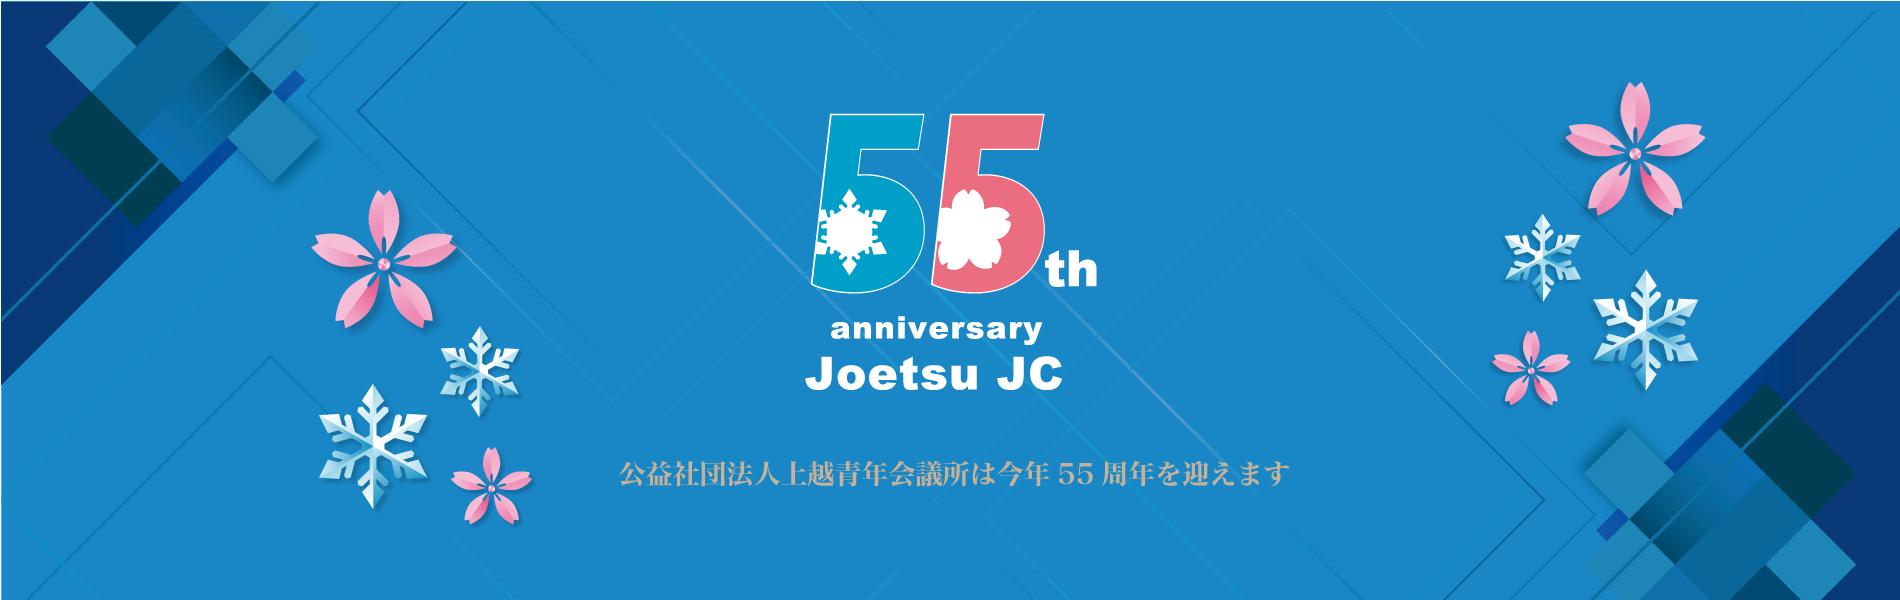 公益社団法人上越青年会議所は今年55周年を迎えます